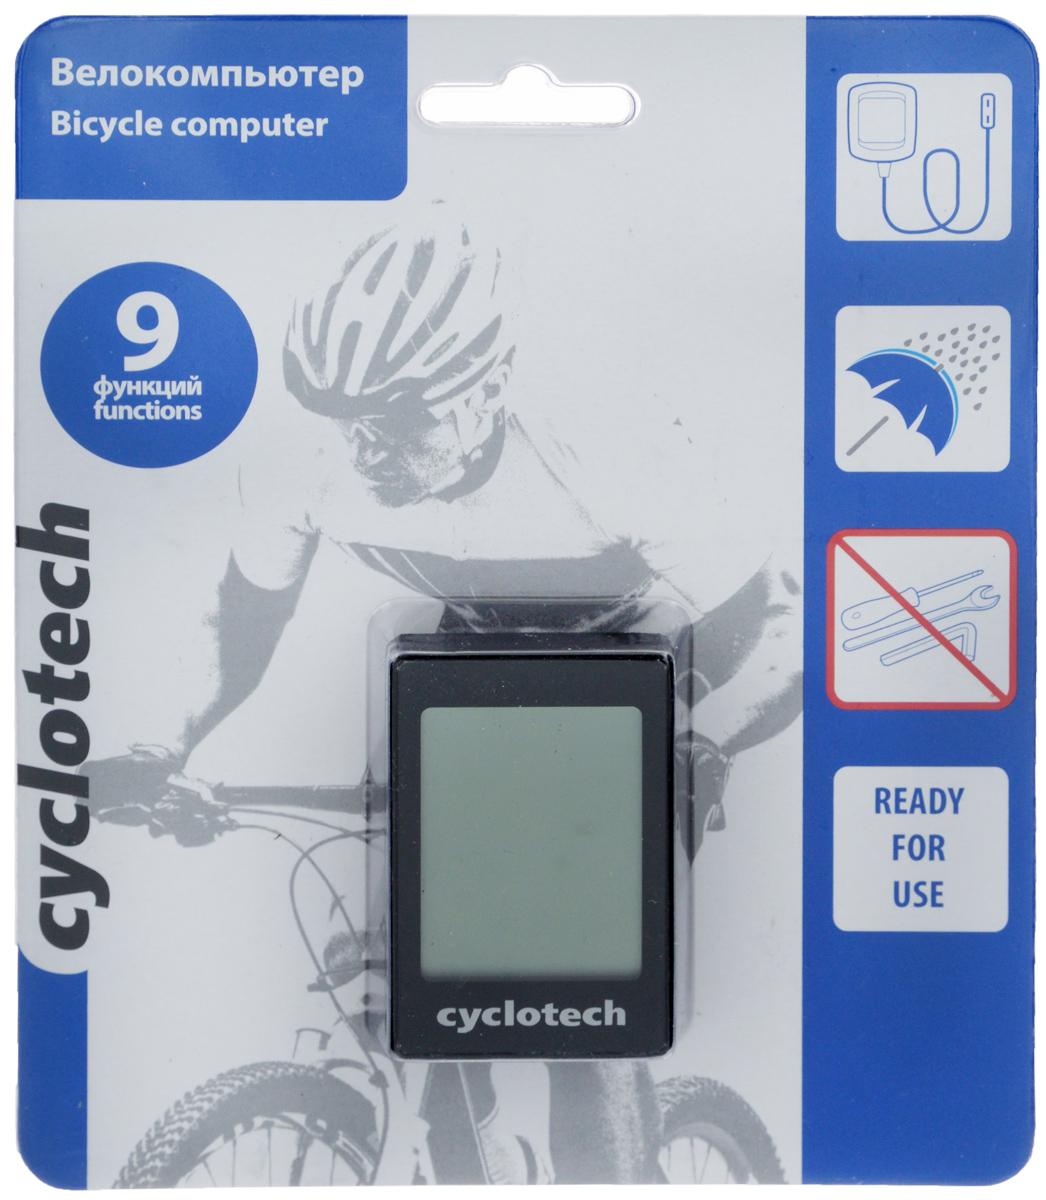 Велокомпьютер Cyclotech, 9 функций010-01063-01Проводной велокомпьютер Cyclotech оснащен девятью функциями и предназначен для использования при занятиях велоспортом. Это удобный и простой в использовании электронный прибор, предоставляющий велосипедисту всю необходимую информацию о поездке. Велокомпьютер крепится на руле с возможностью мгновенно отсоединить его, когда нет желания оставлять на велосипеде без присмотра или под дождем. Функции: сравнение скоростей; текущий пробег; задание дистанций; память на два велосипеда; время в пути; часы; режим энергосбережения; автоматический старт измерений; возможность конвертации из миль в километры и обратно.